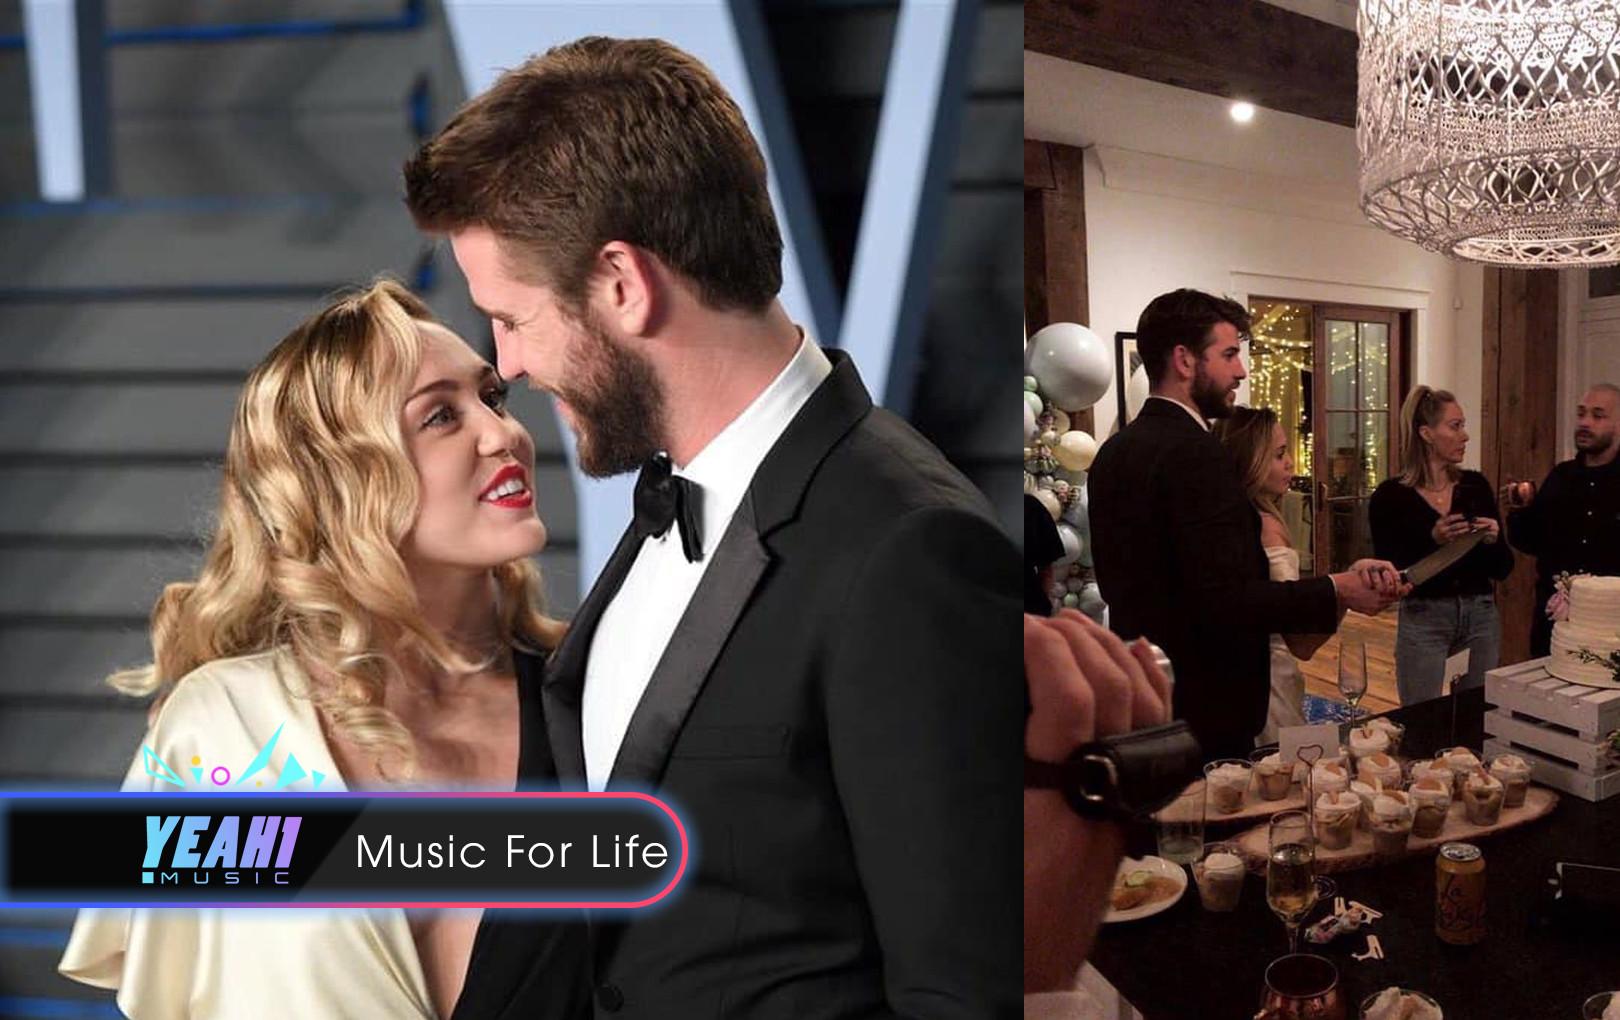 Sau 10 năm yêu nhau, Miley Cyrus và Liam Hemsworth đã về chung một nhà